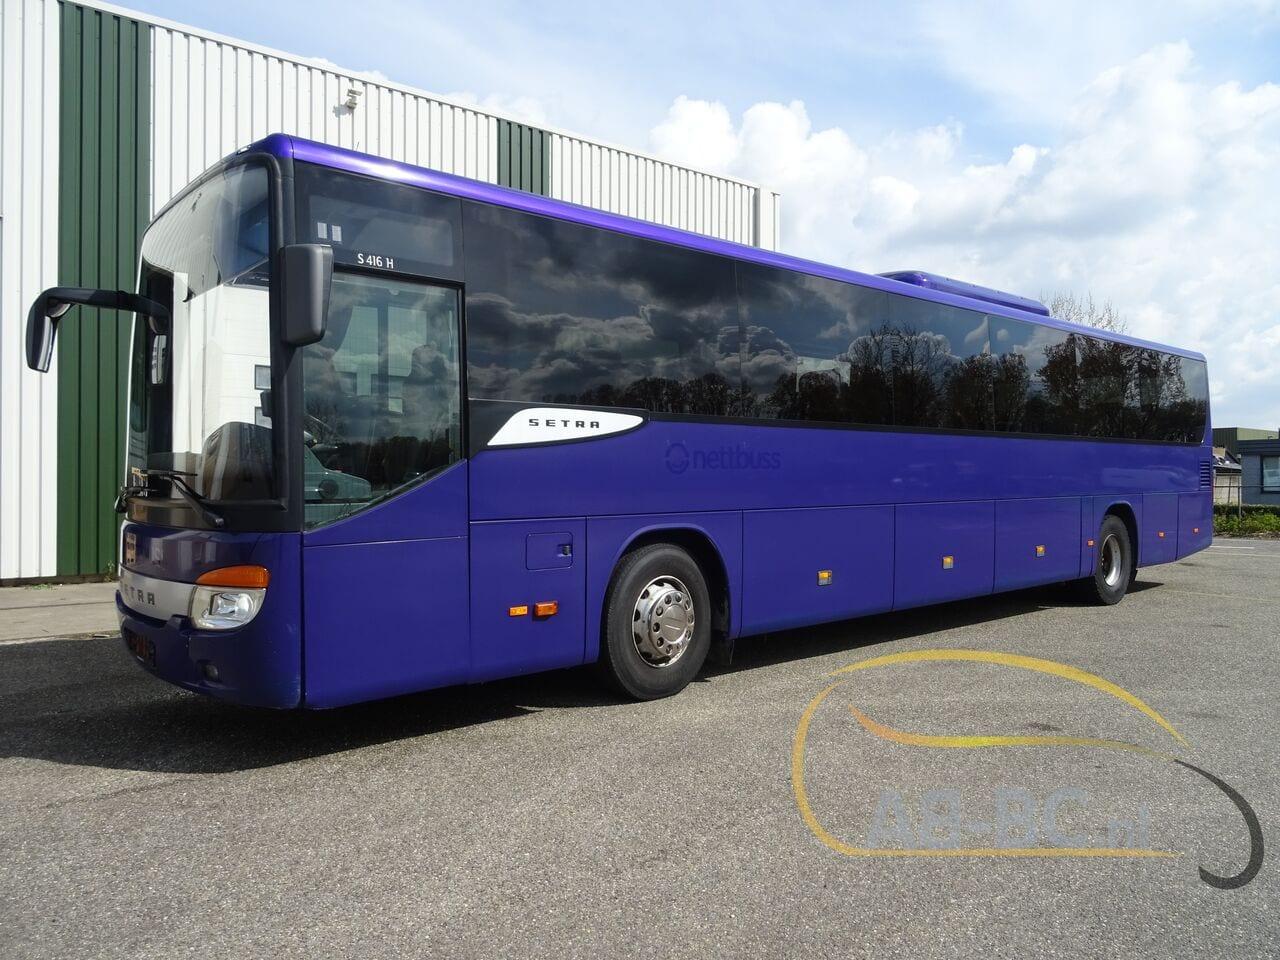 coach-busSETRA-S416H-48-SEATS-LIFTBUS---1620309656021322650_big_be6accdb3c5835025d7cb666de175a97--21050616581387095000